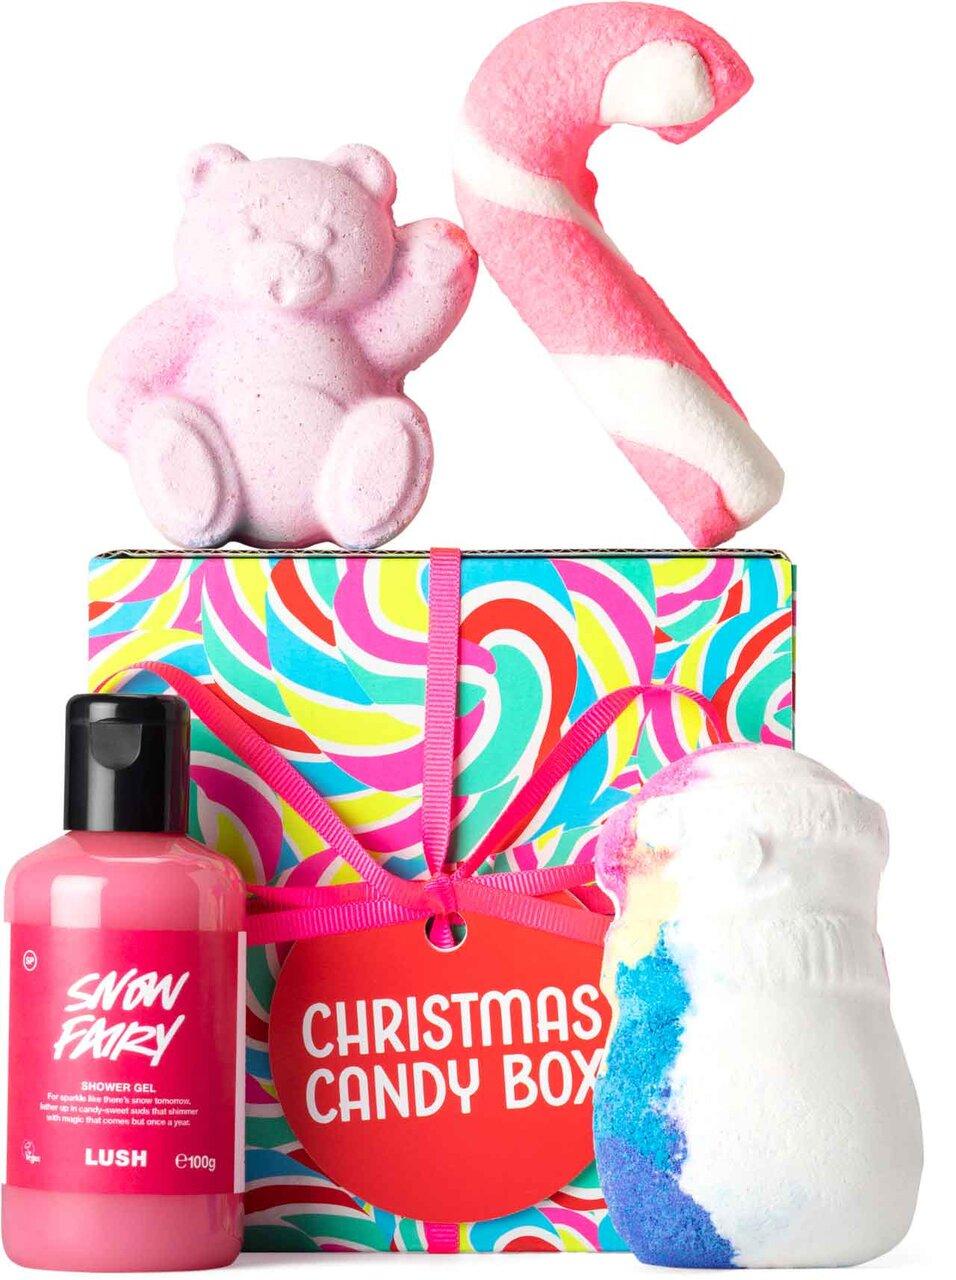 LUSH(ラッシュ)/クリスマス キャンディボックス ギフト